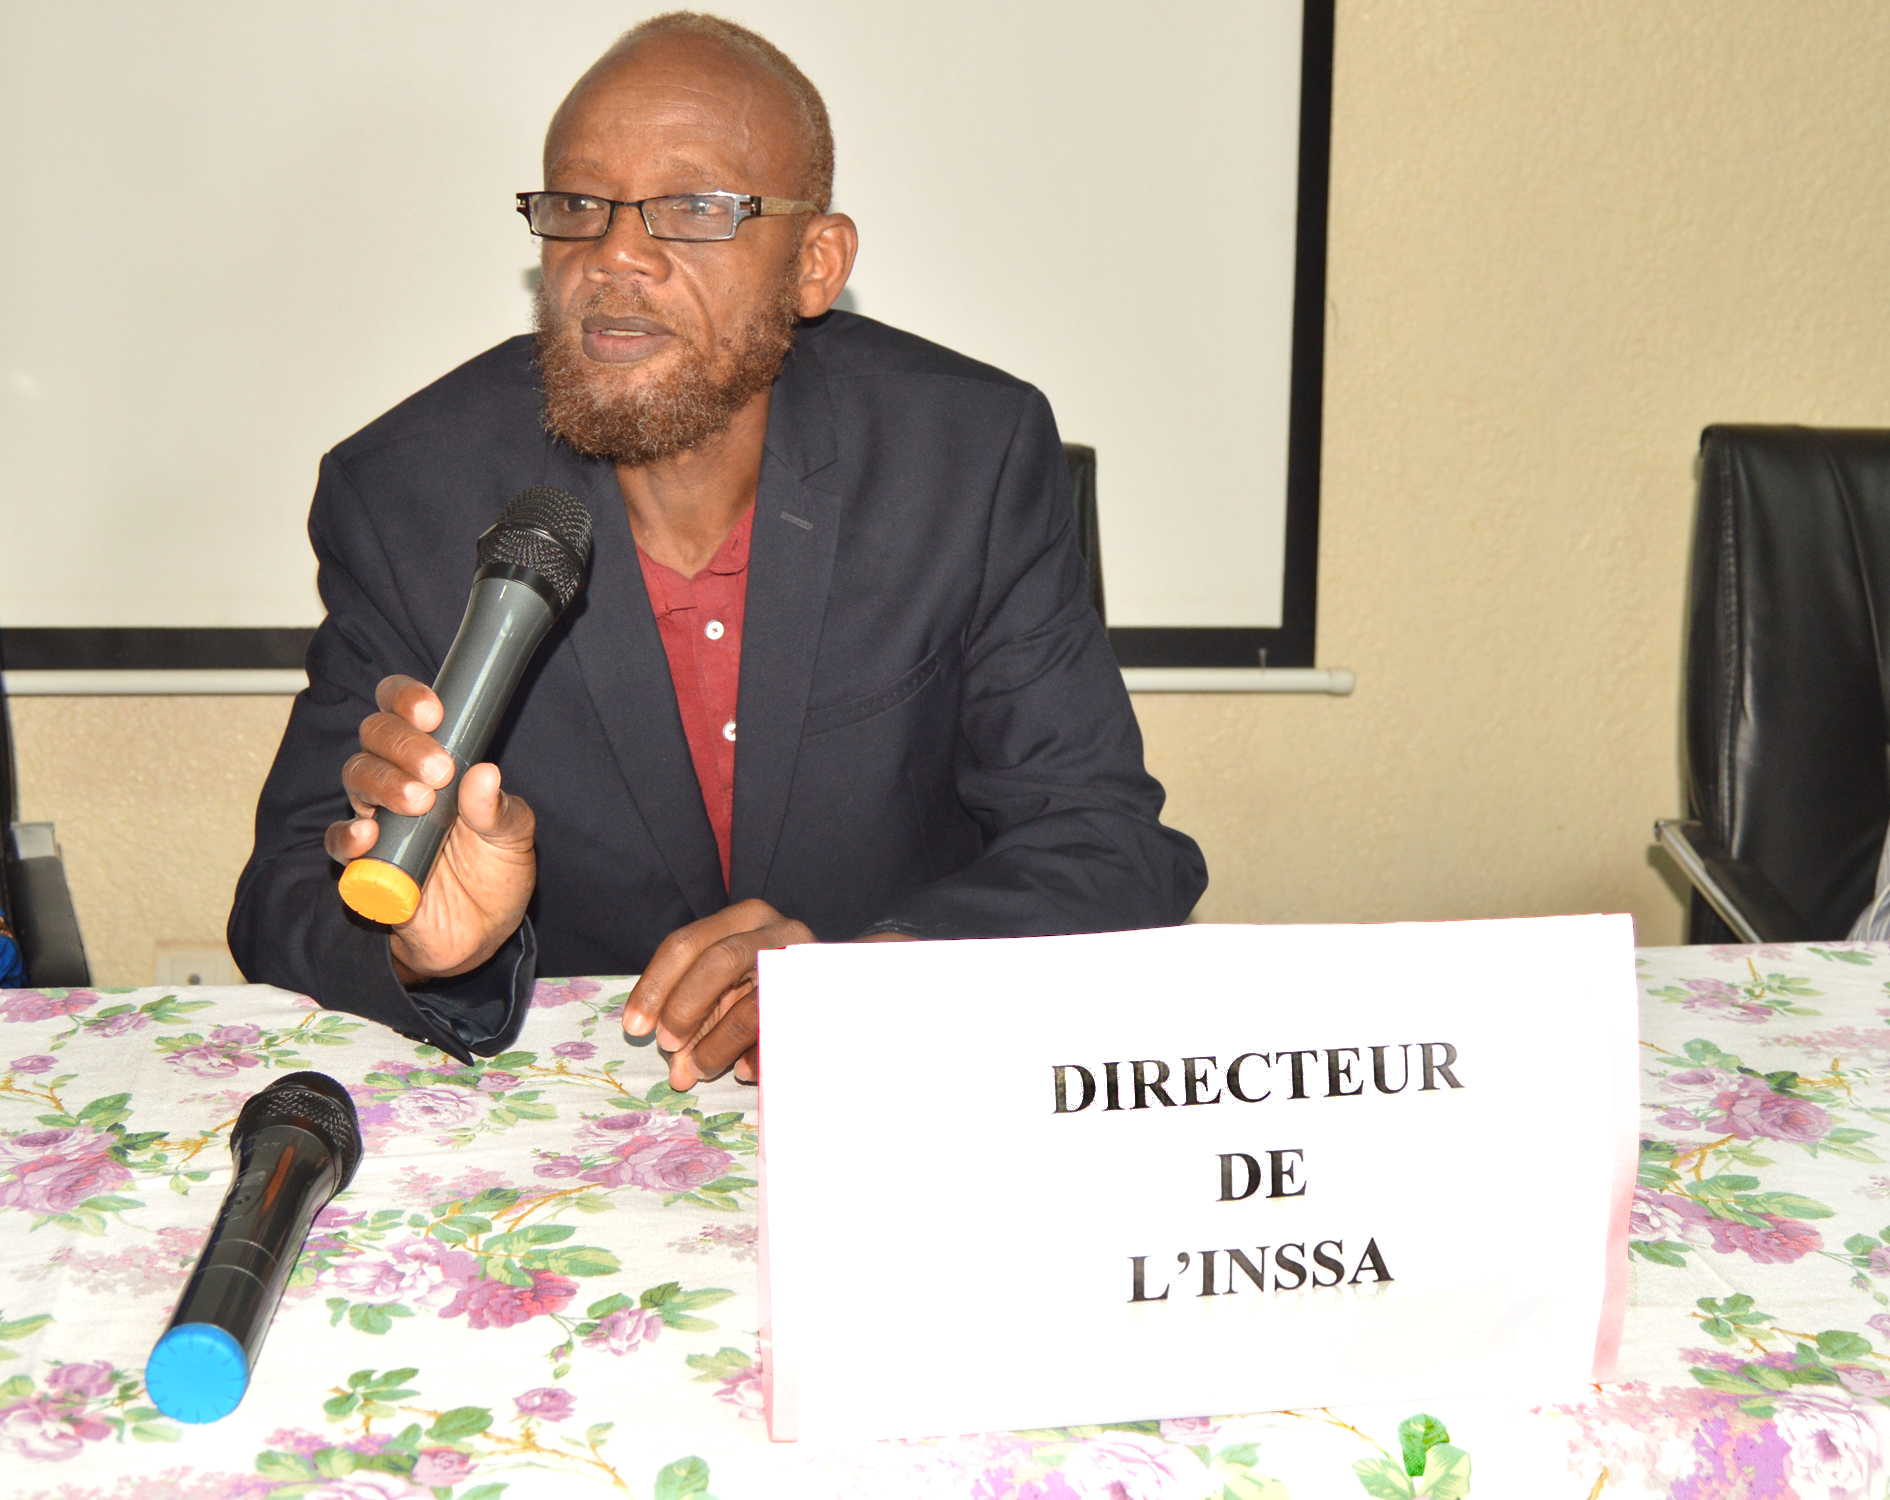 Directeur de L'INSSA